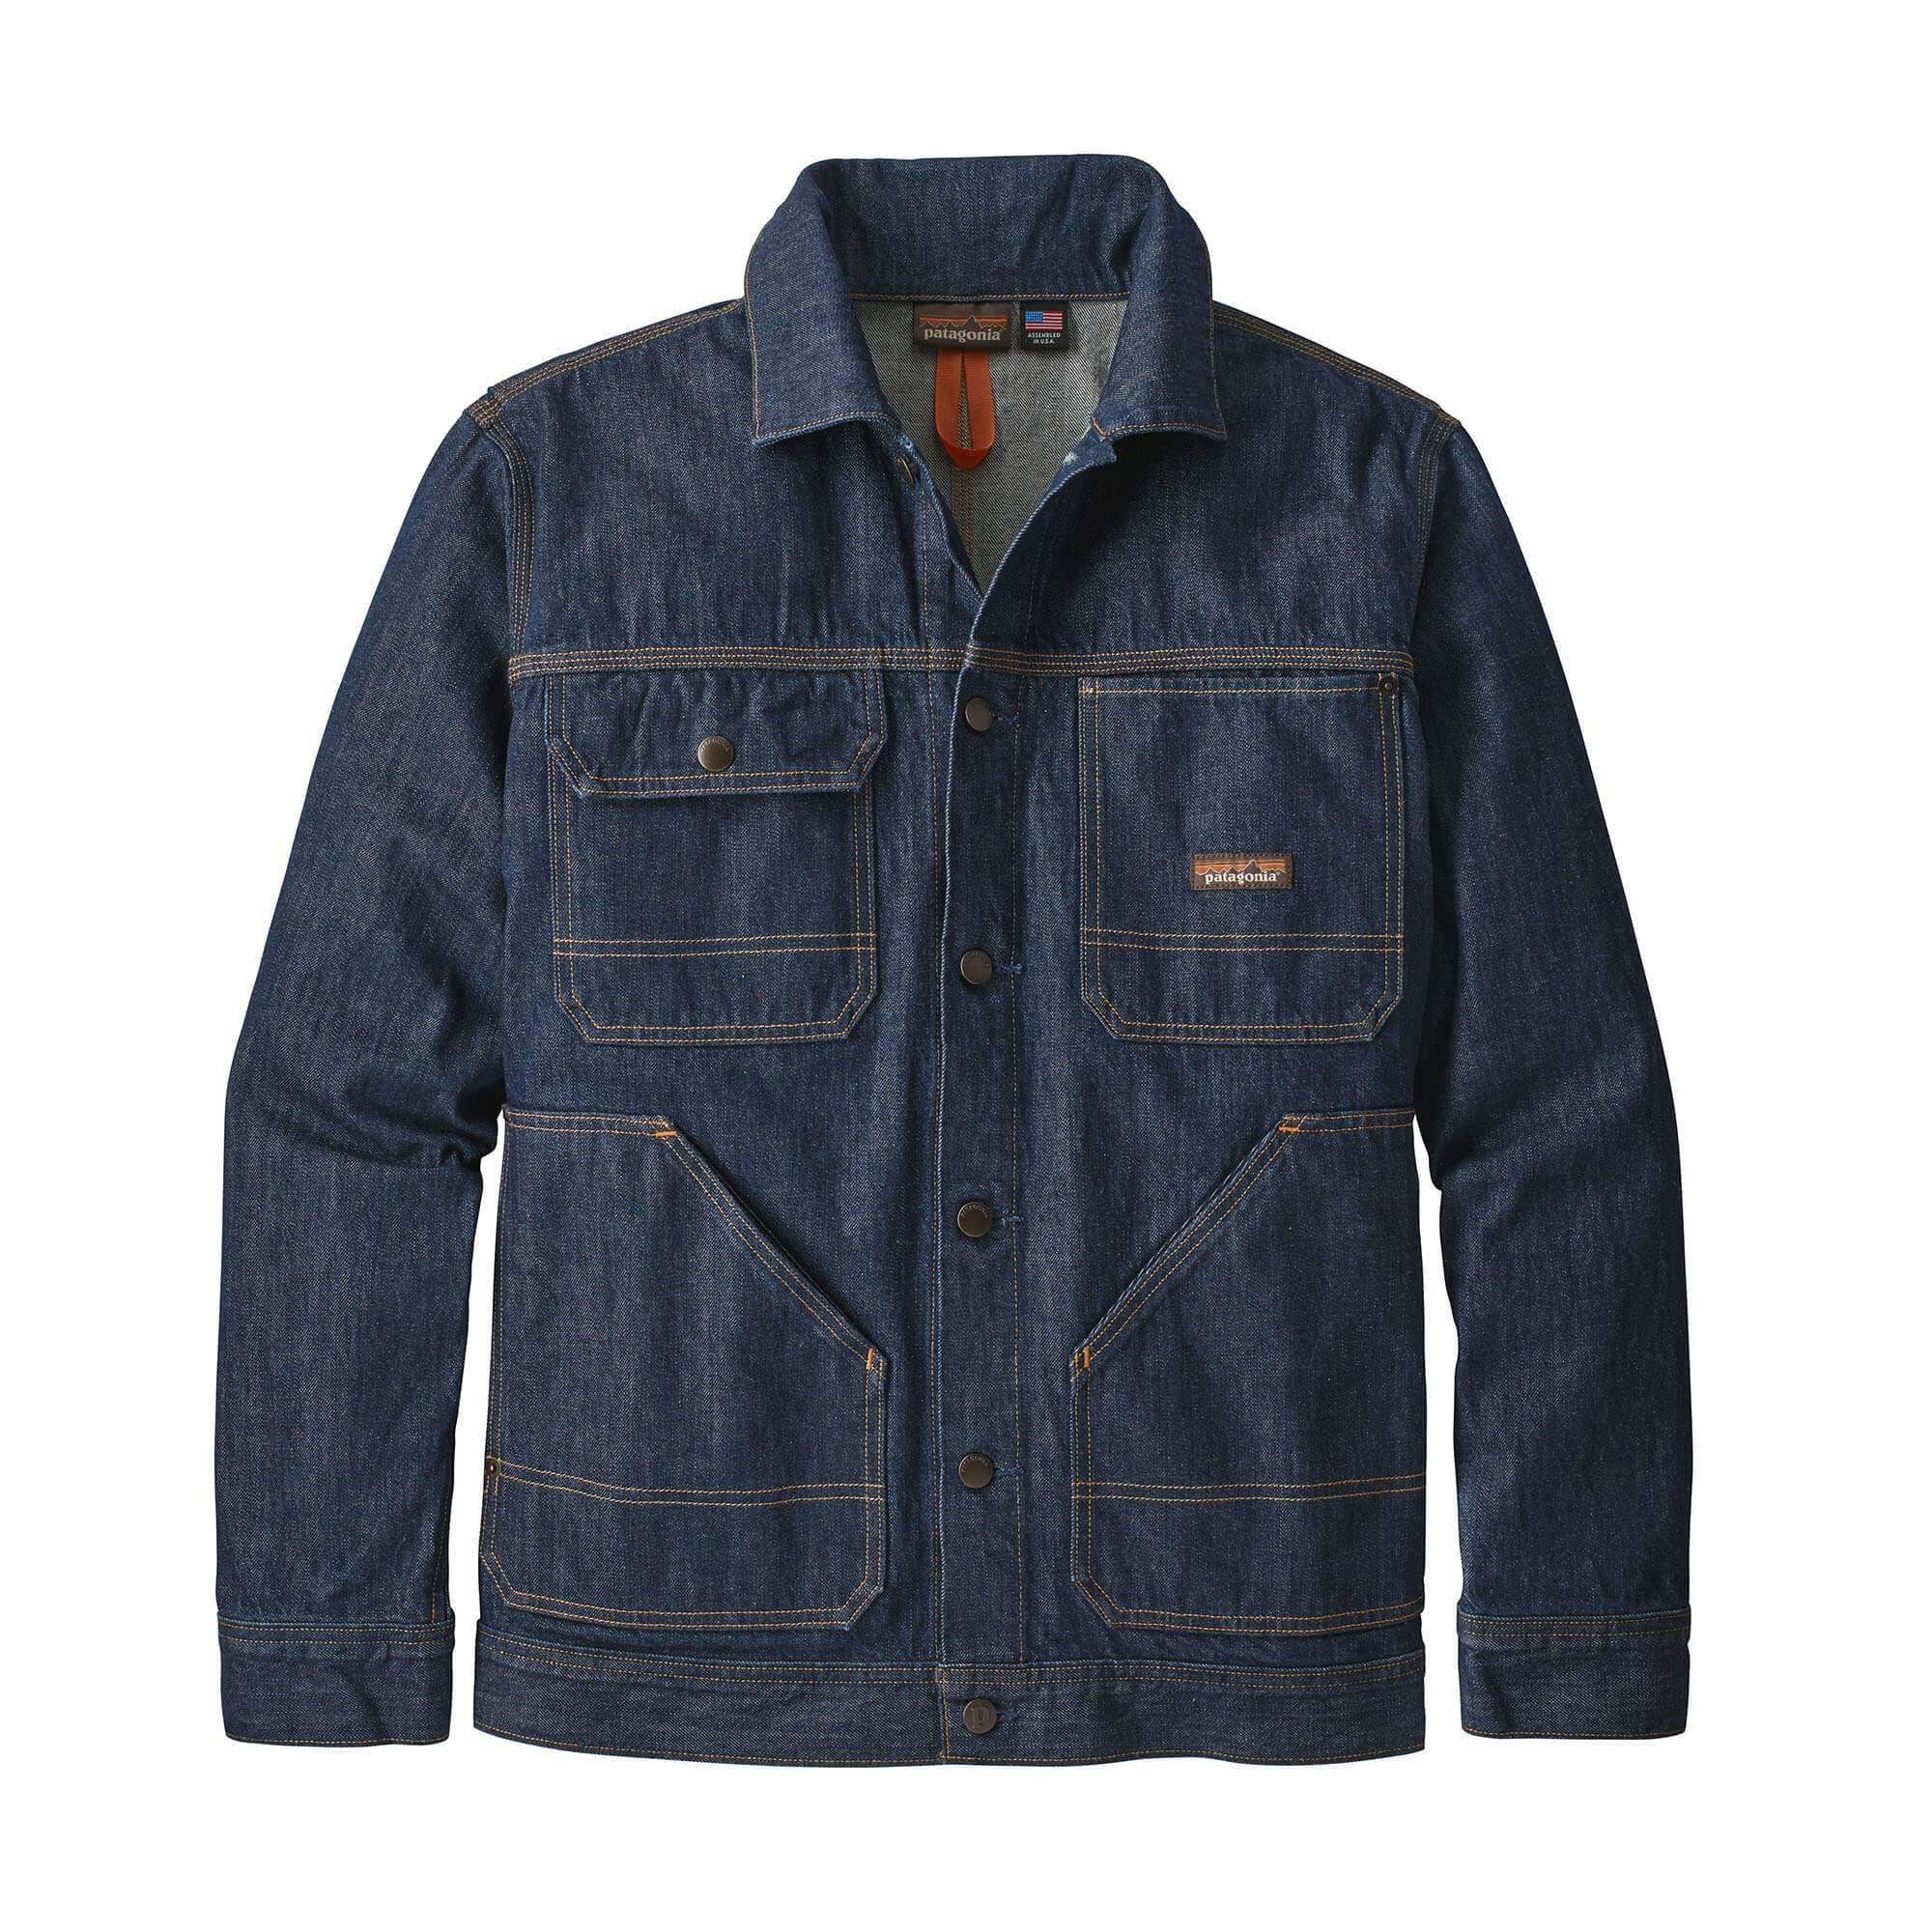 Men's Steel Forge Denim Jacket